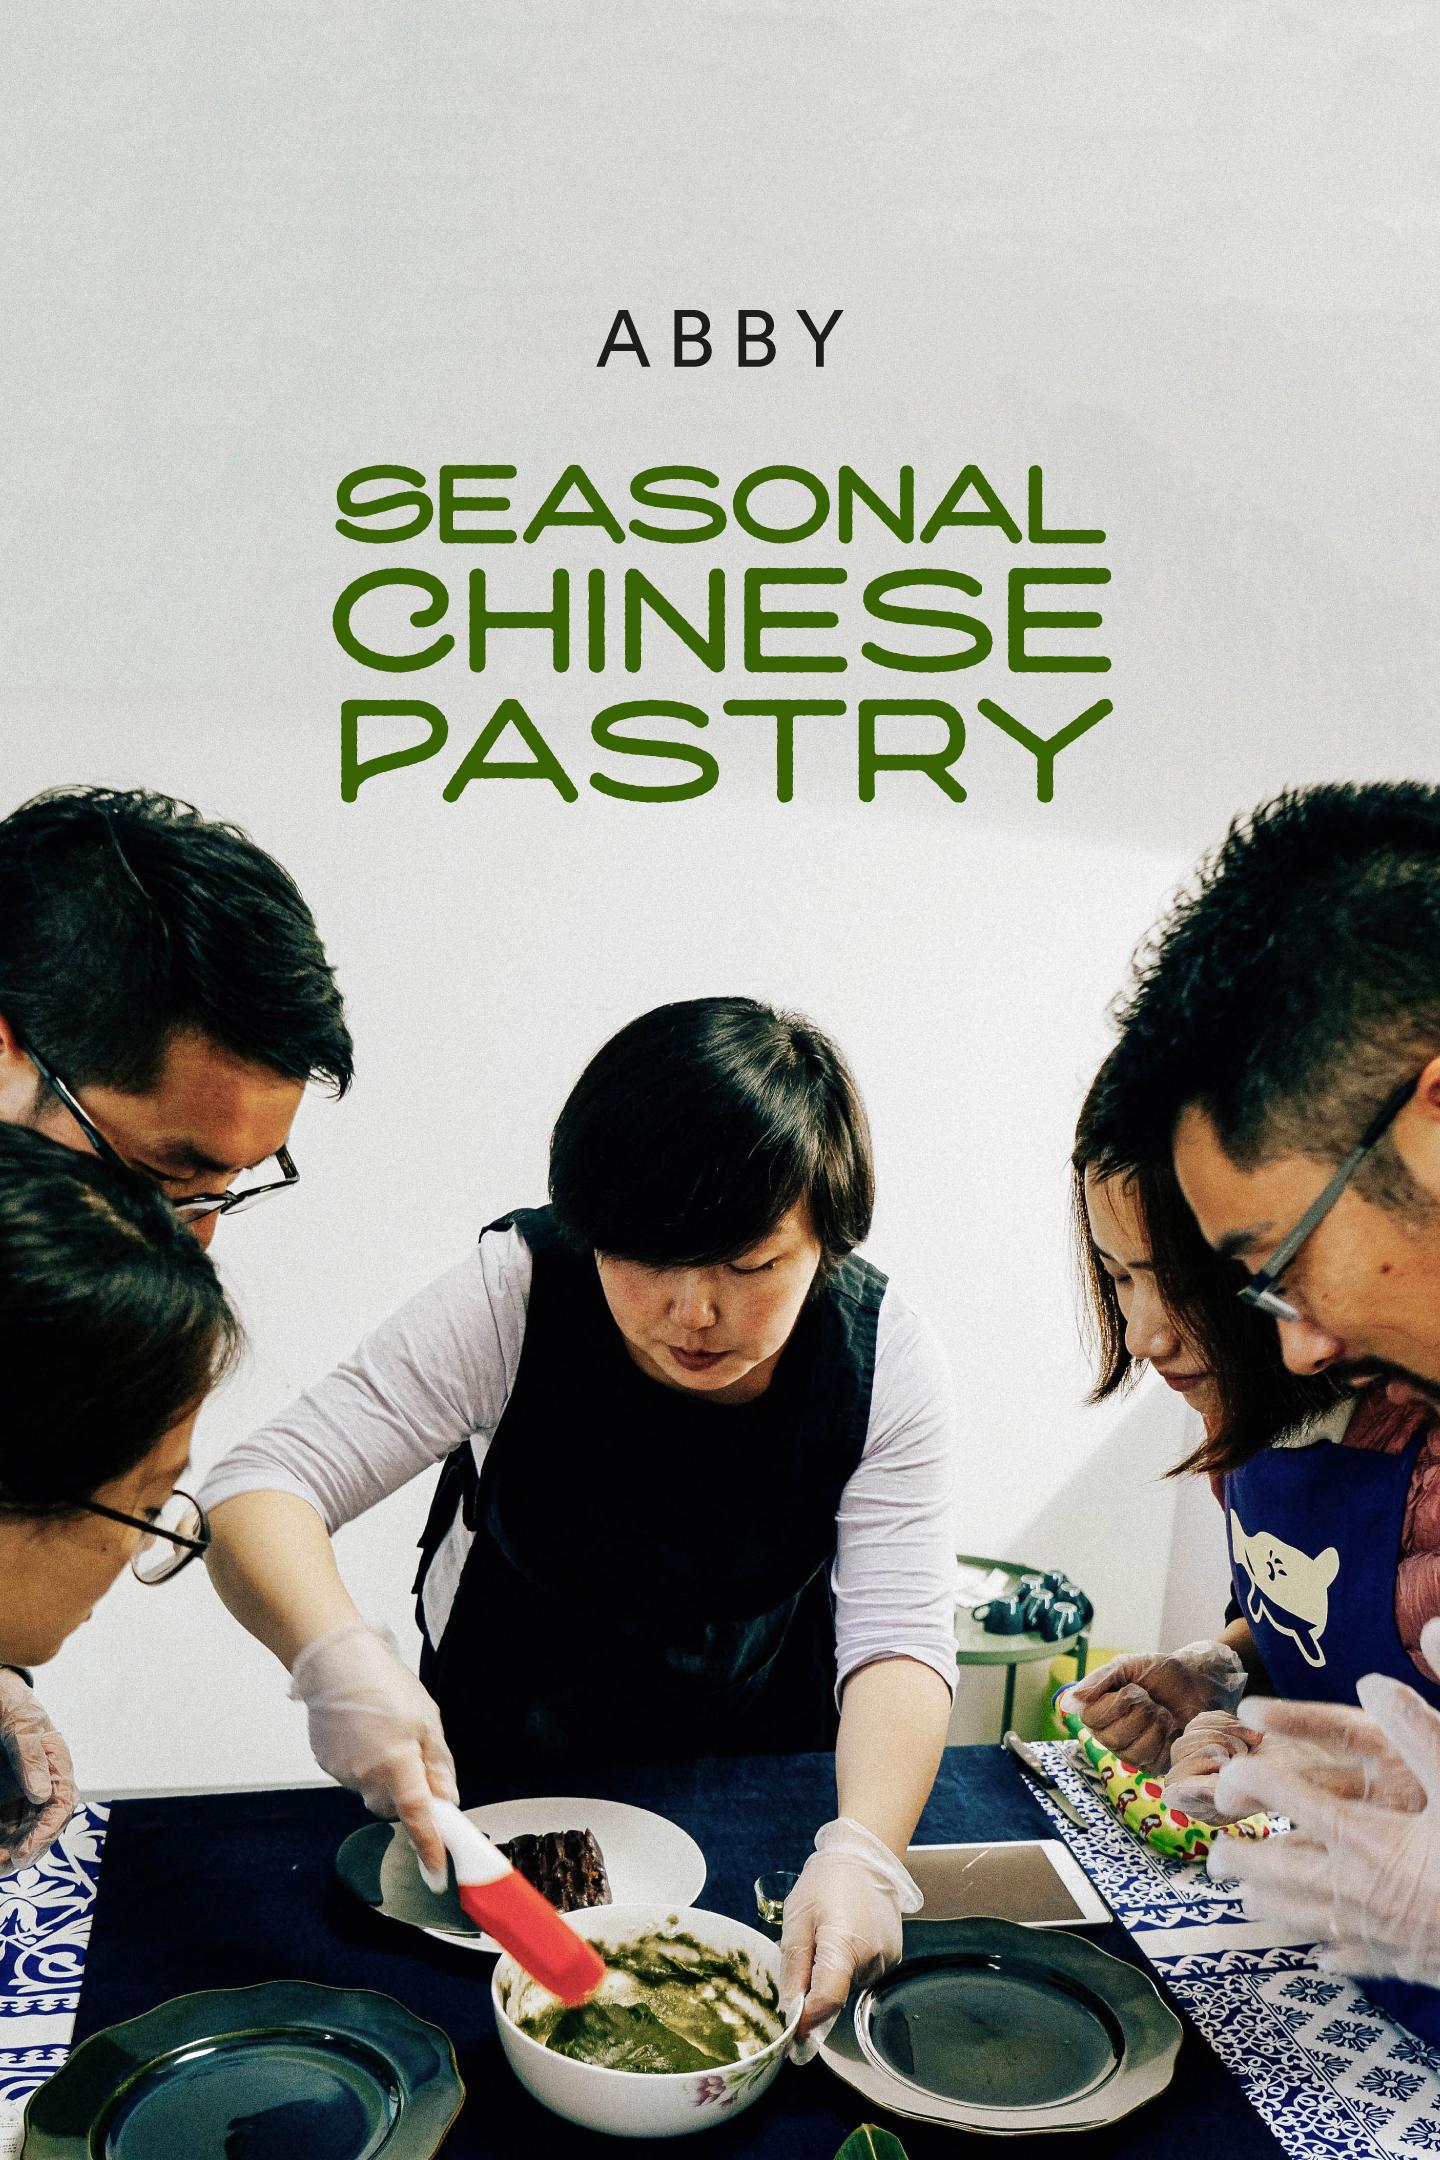 Shanghai – Guifang Jia, Seasonal Chinese Pastry 4